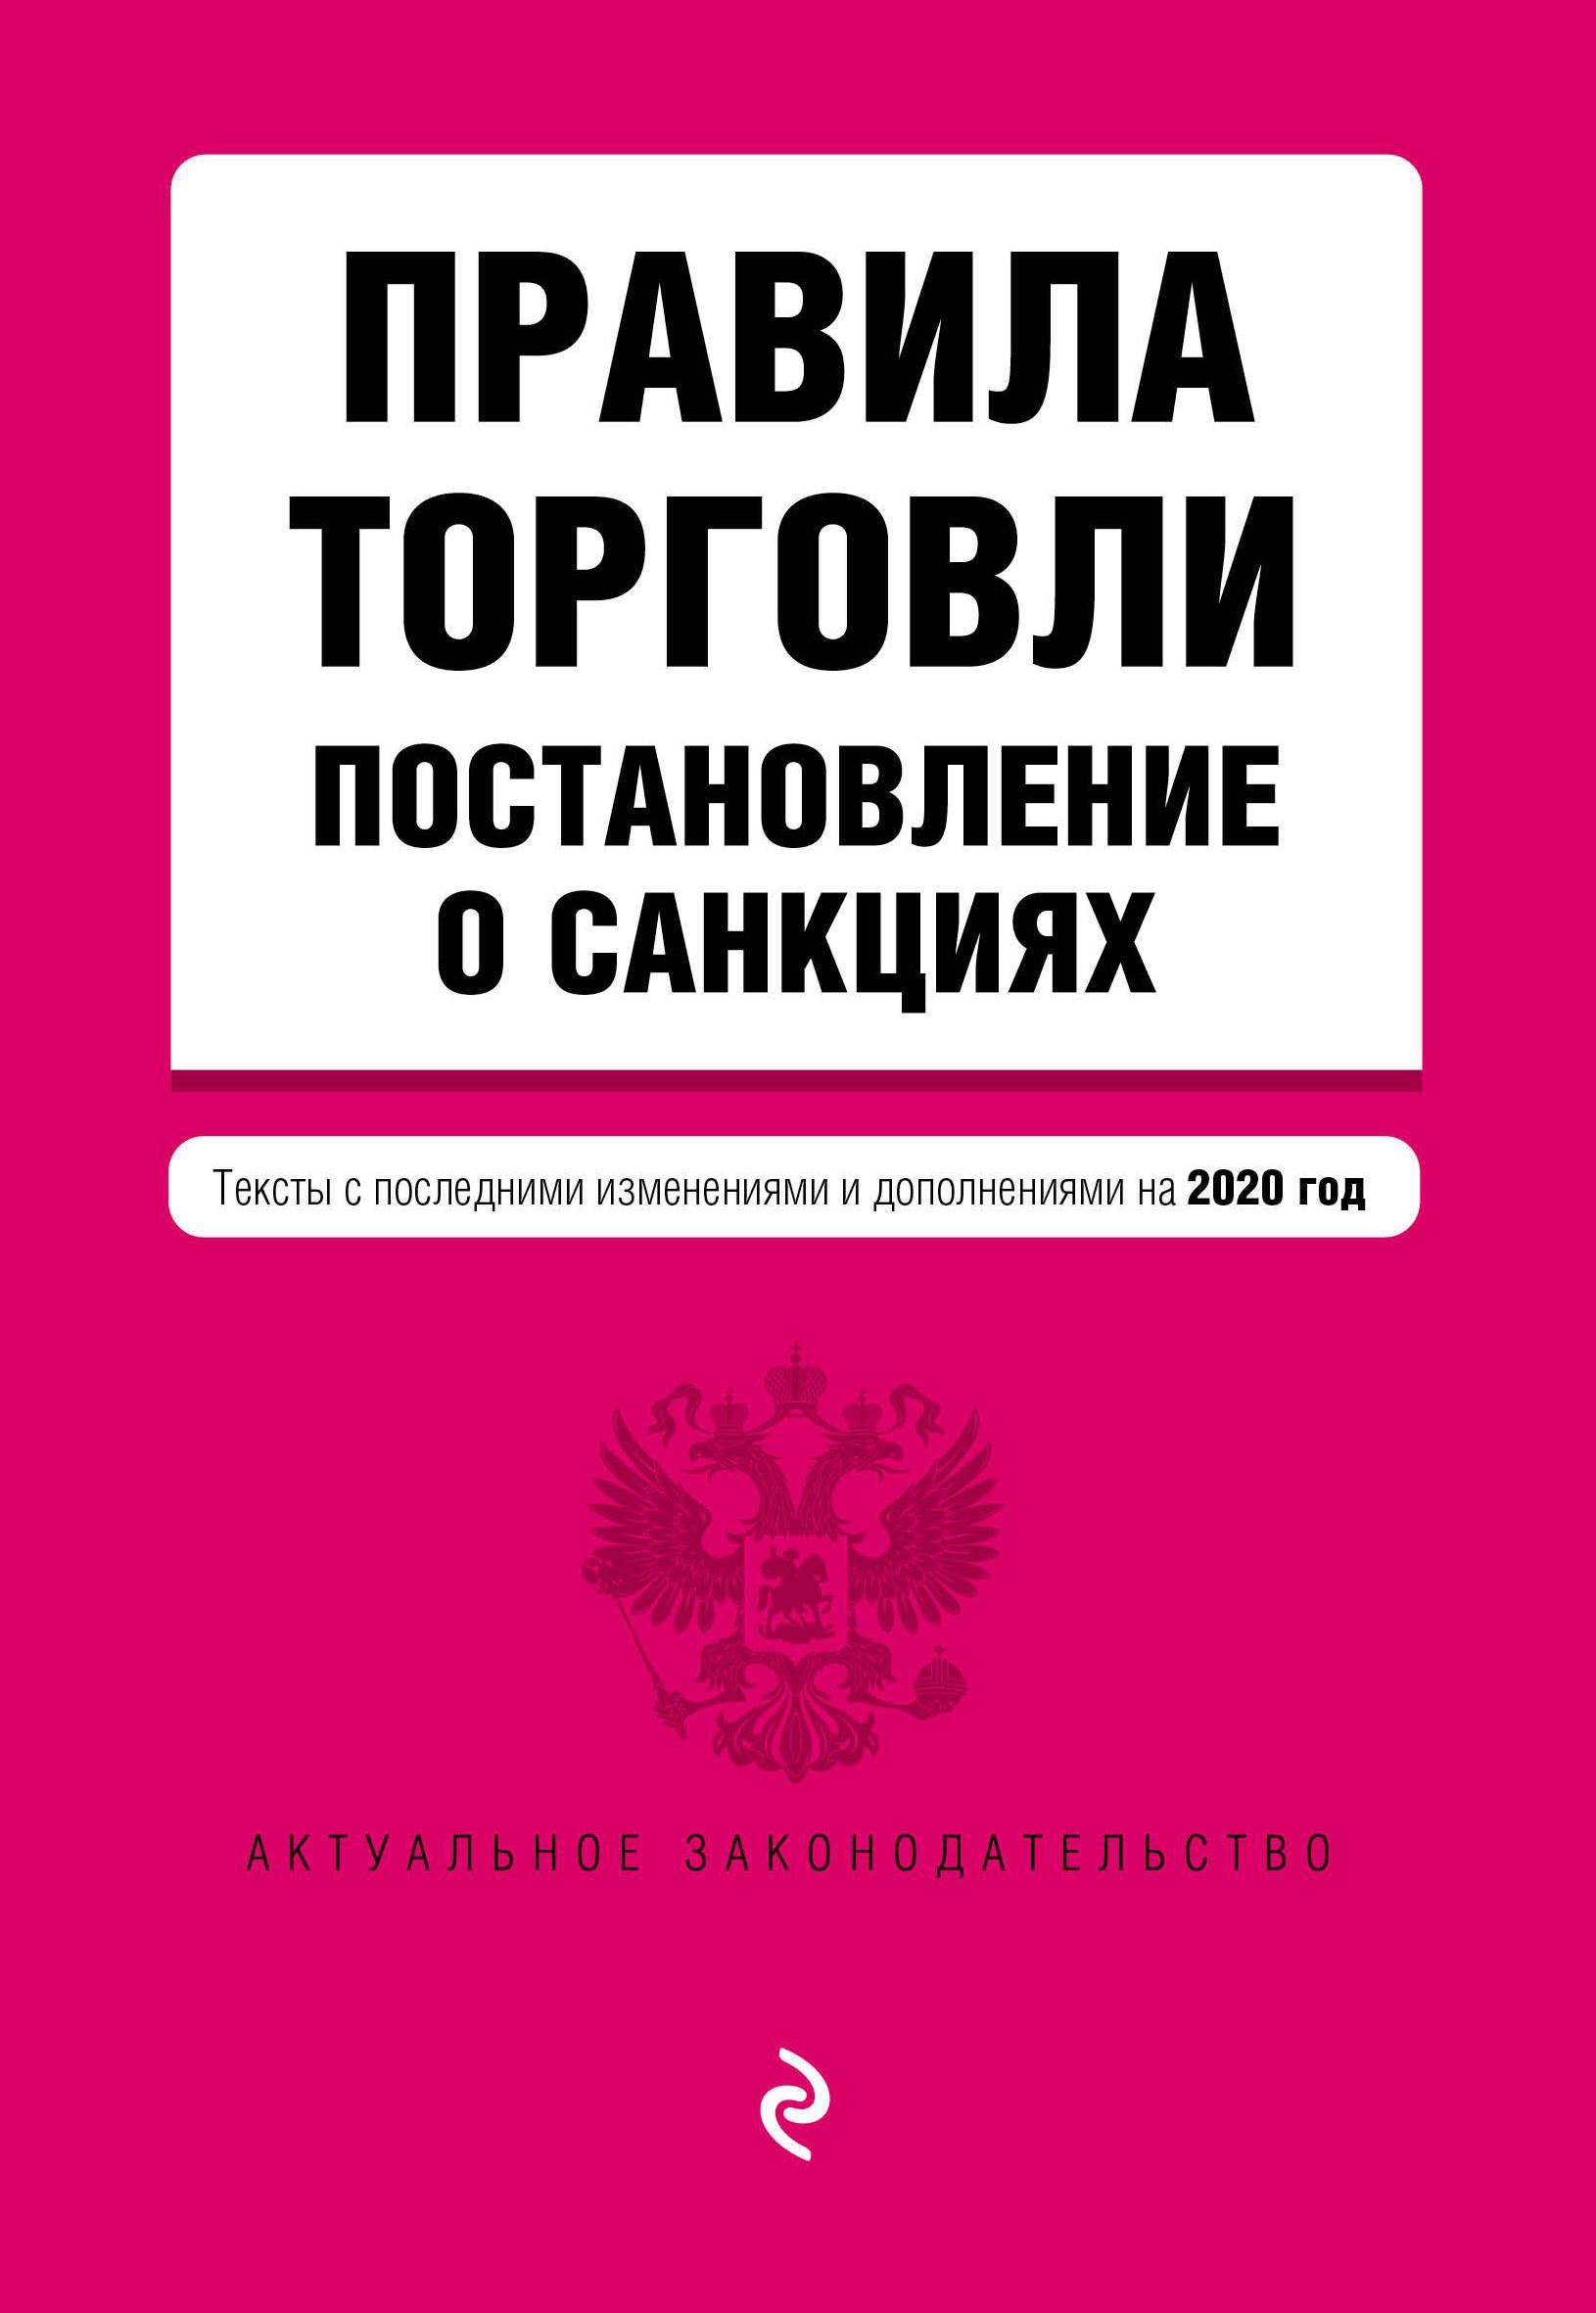 Правила торговли. Постановление о санкциях. Тексты с изменениями и дополнениями на 2020 г.